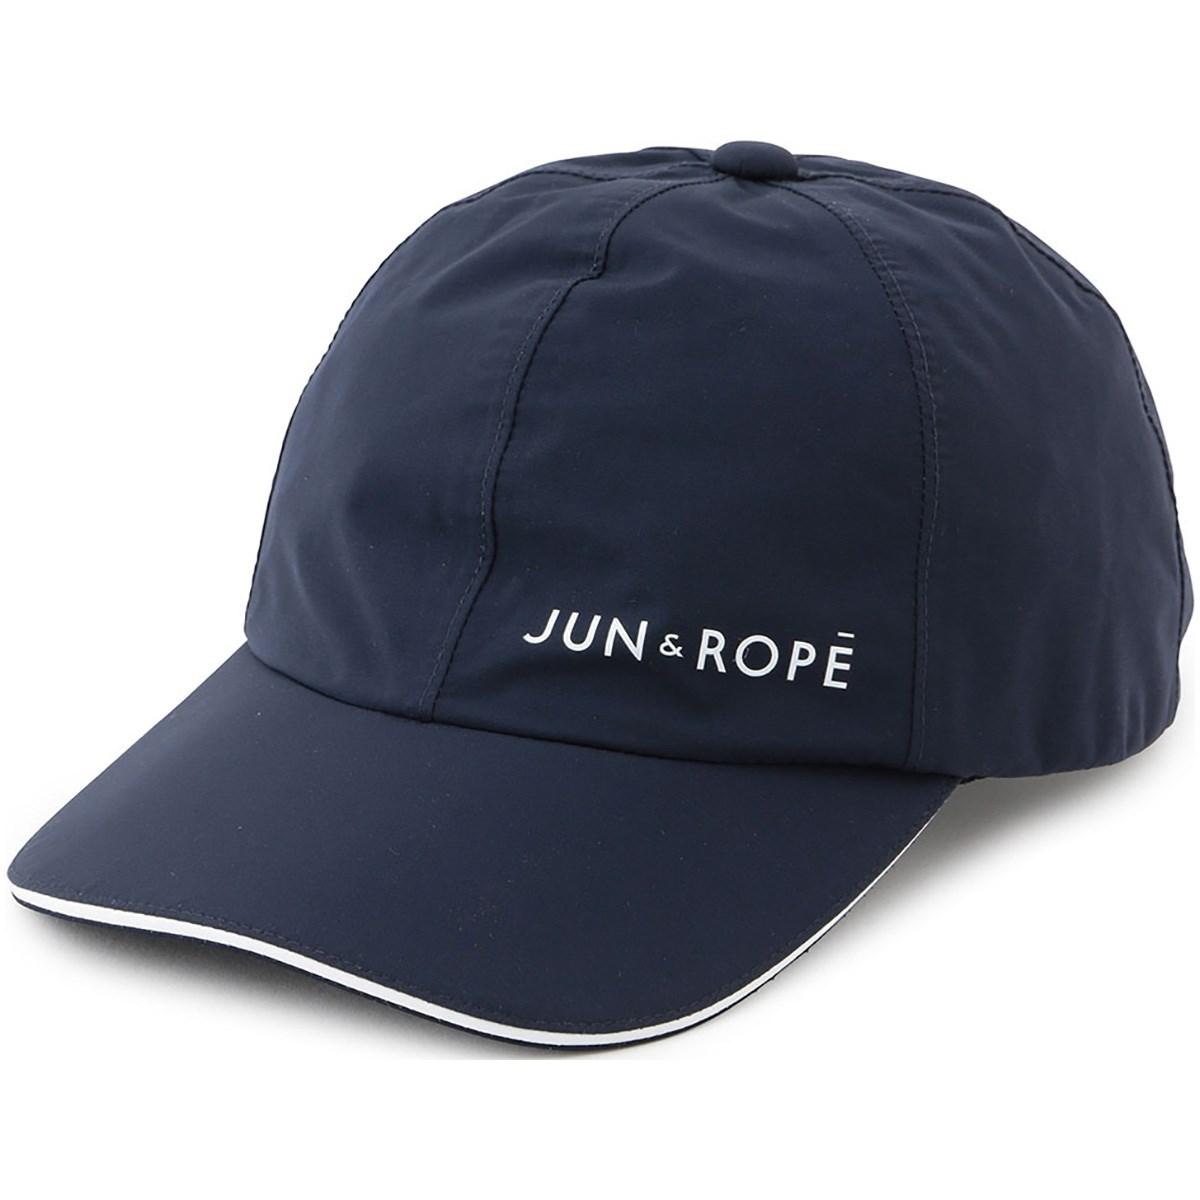 ジュン アンド ロペ JUN & ROPE レインキャップ フリー ネイビー 40 レディス